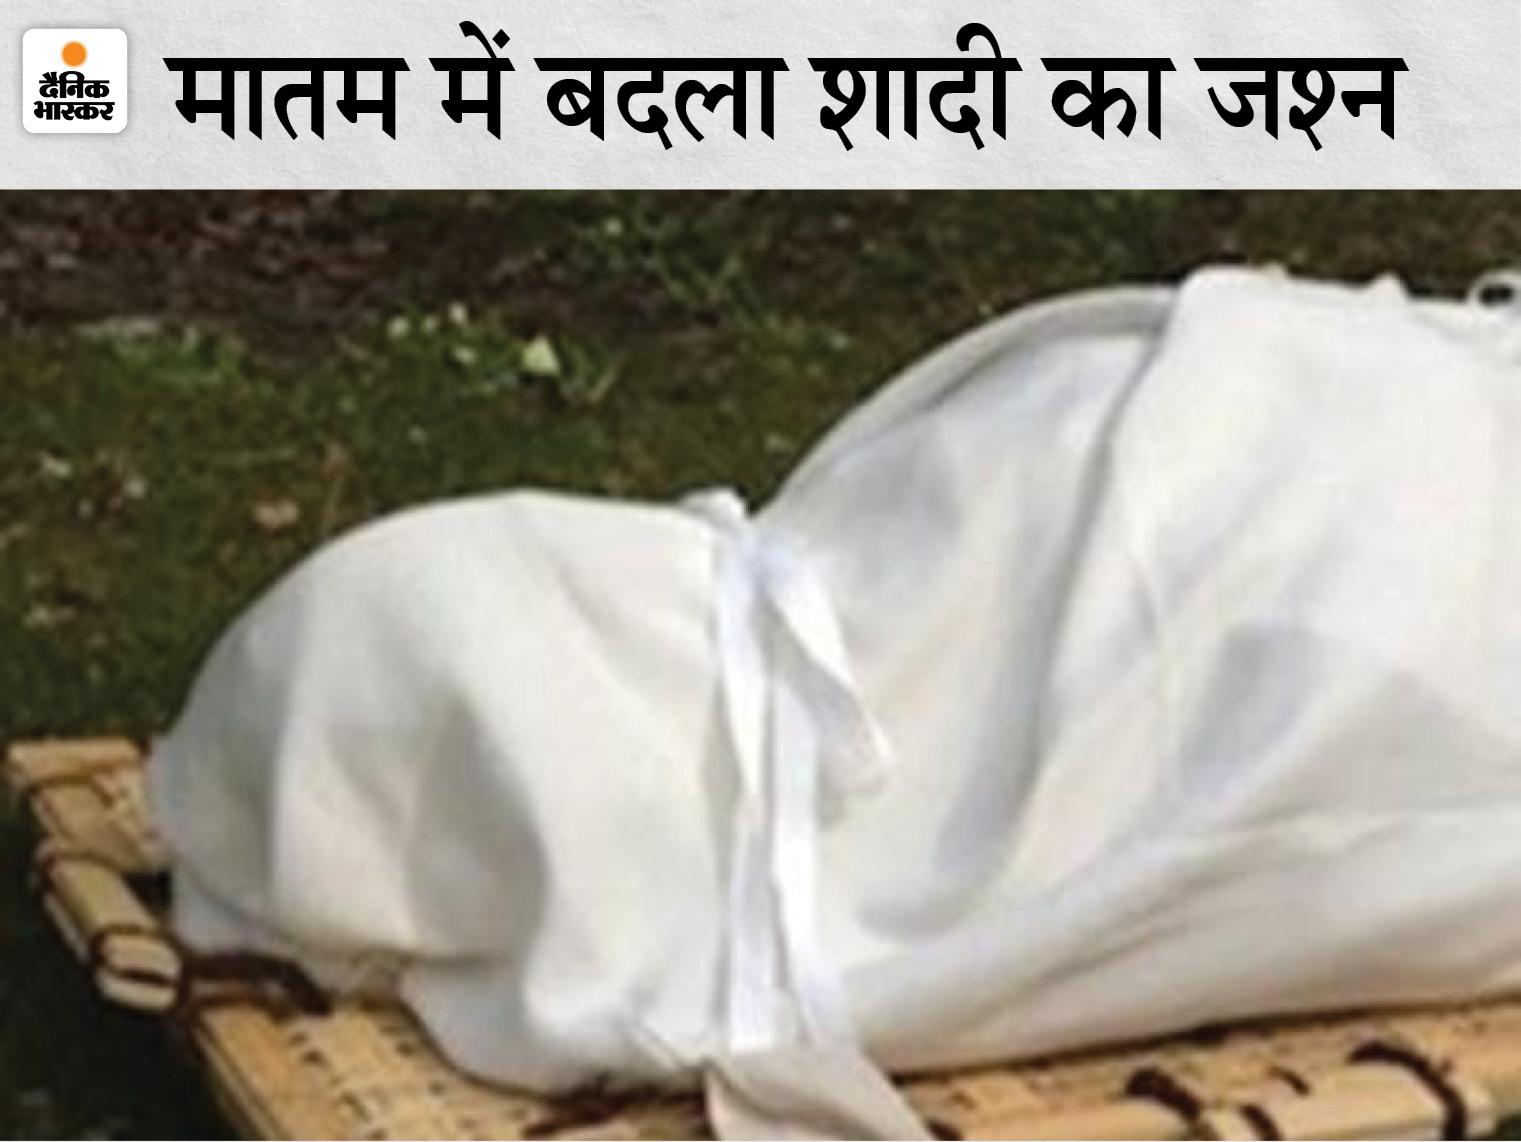 हादसे में 4 युवकों की मौत; महेन्द्रगढ़ जिले के गांव खेराली से शादी समारोह में शामिल होकर लौट रहे थे हरियाणा,Haryana - Dainik Bhaskar